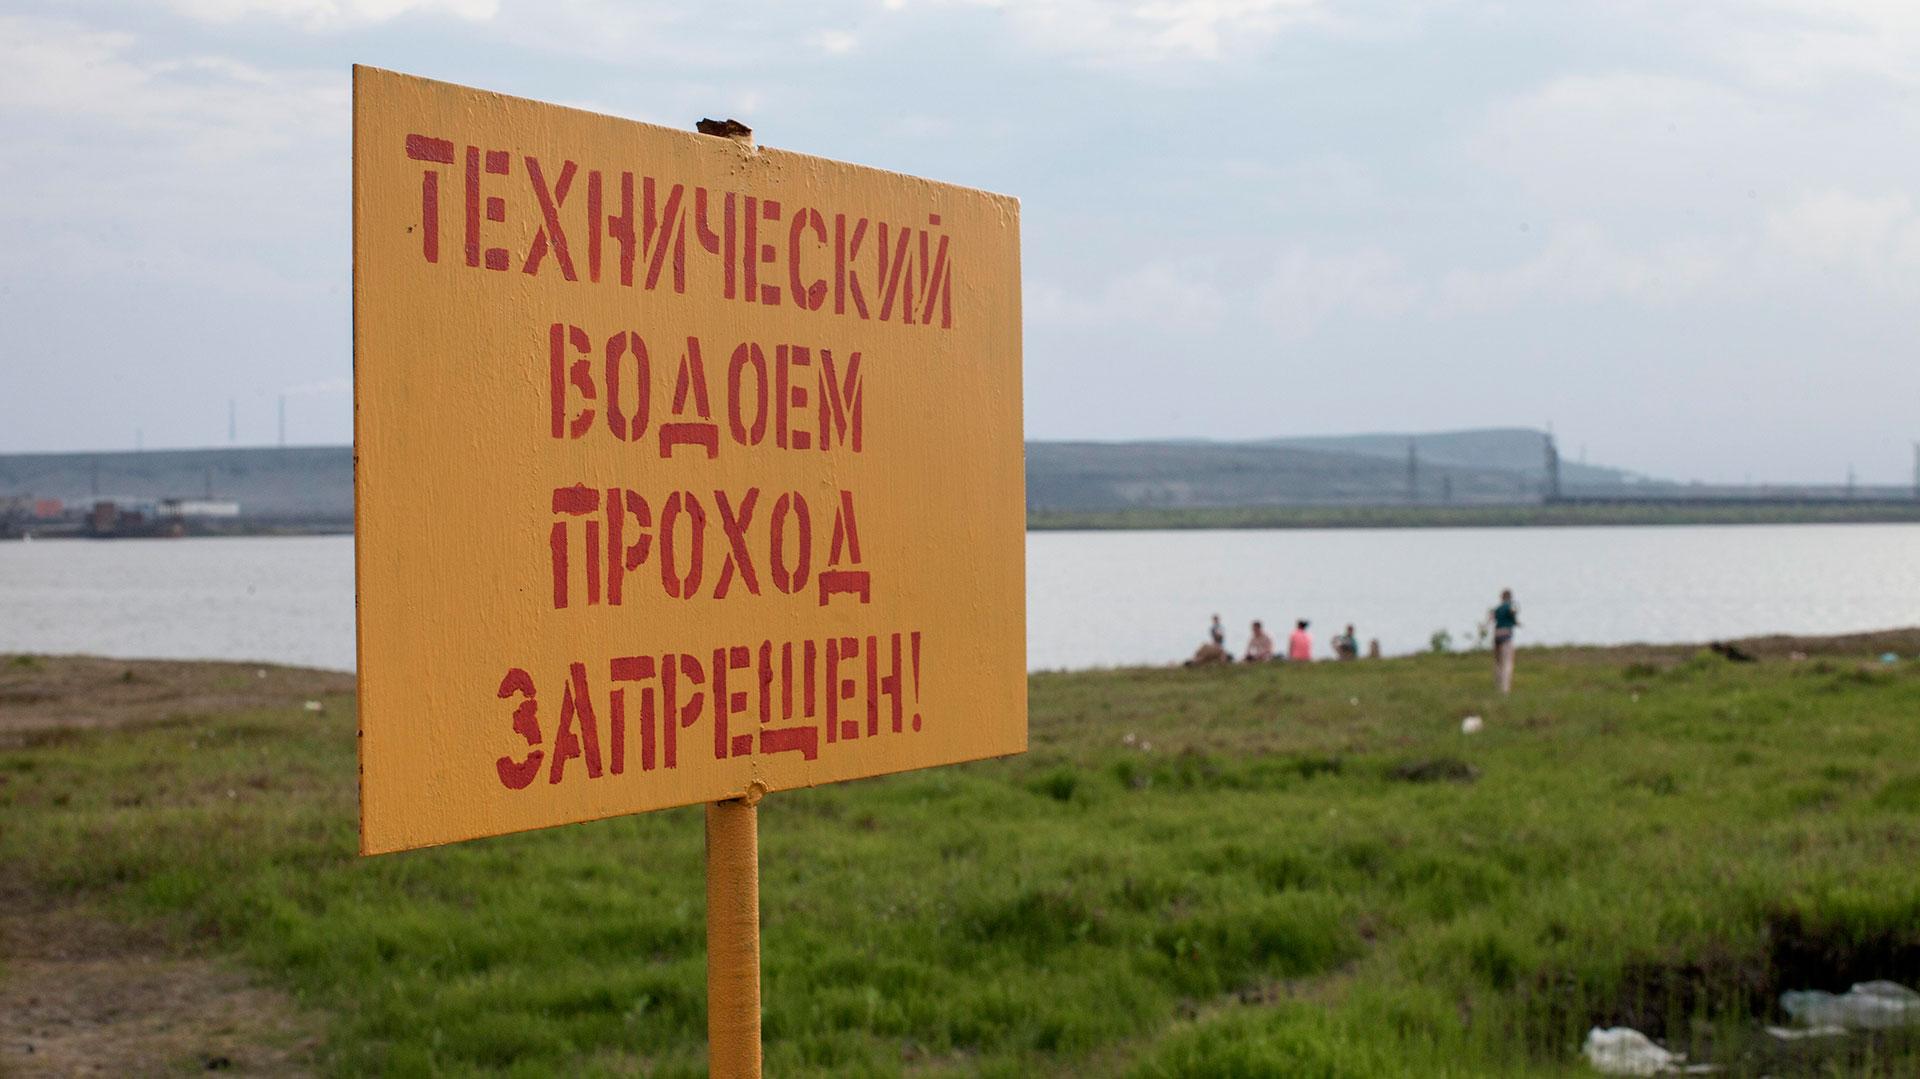 """Las familias se refrescan en las lagunas articiales a pesar del cartel que advierte: """"Aguas técnicas, prohibido el paso""""."""